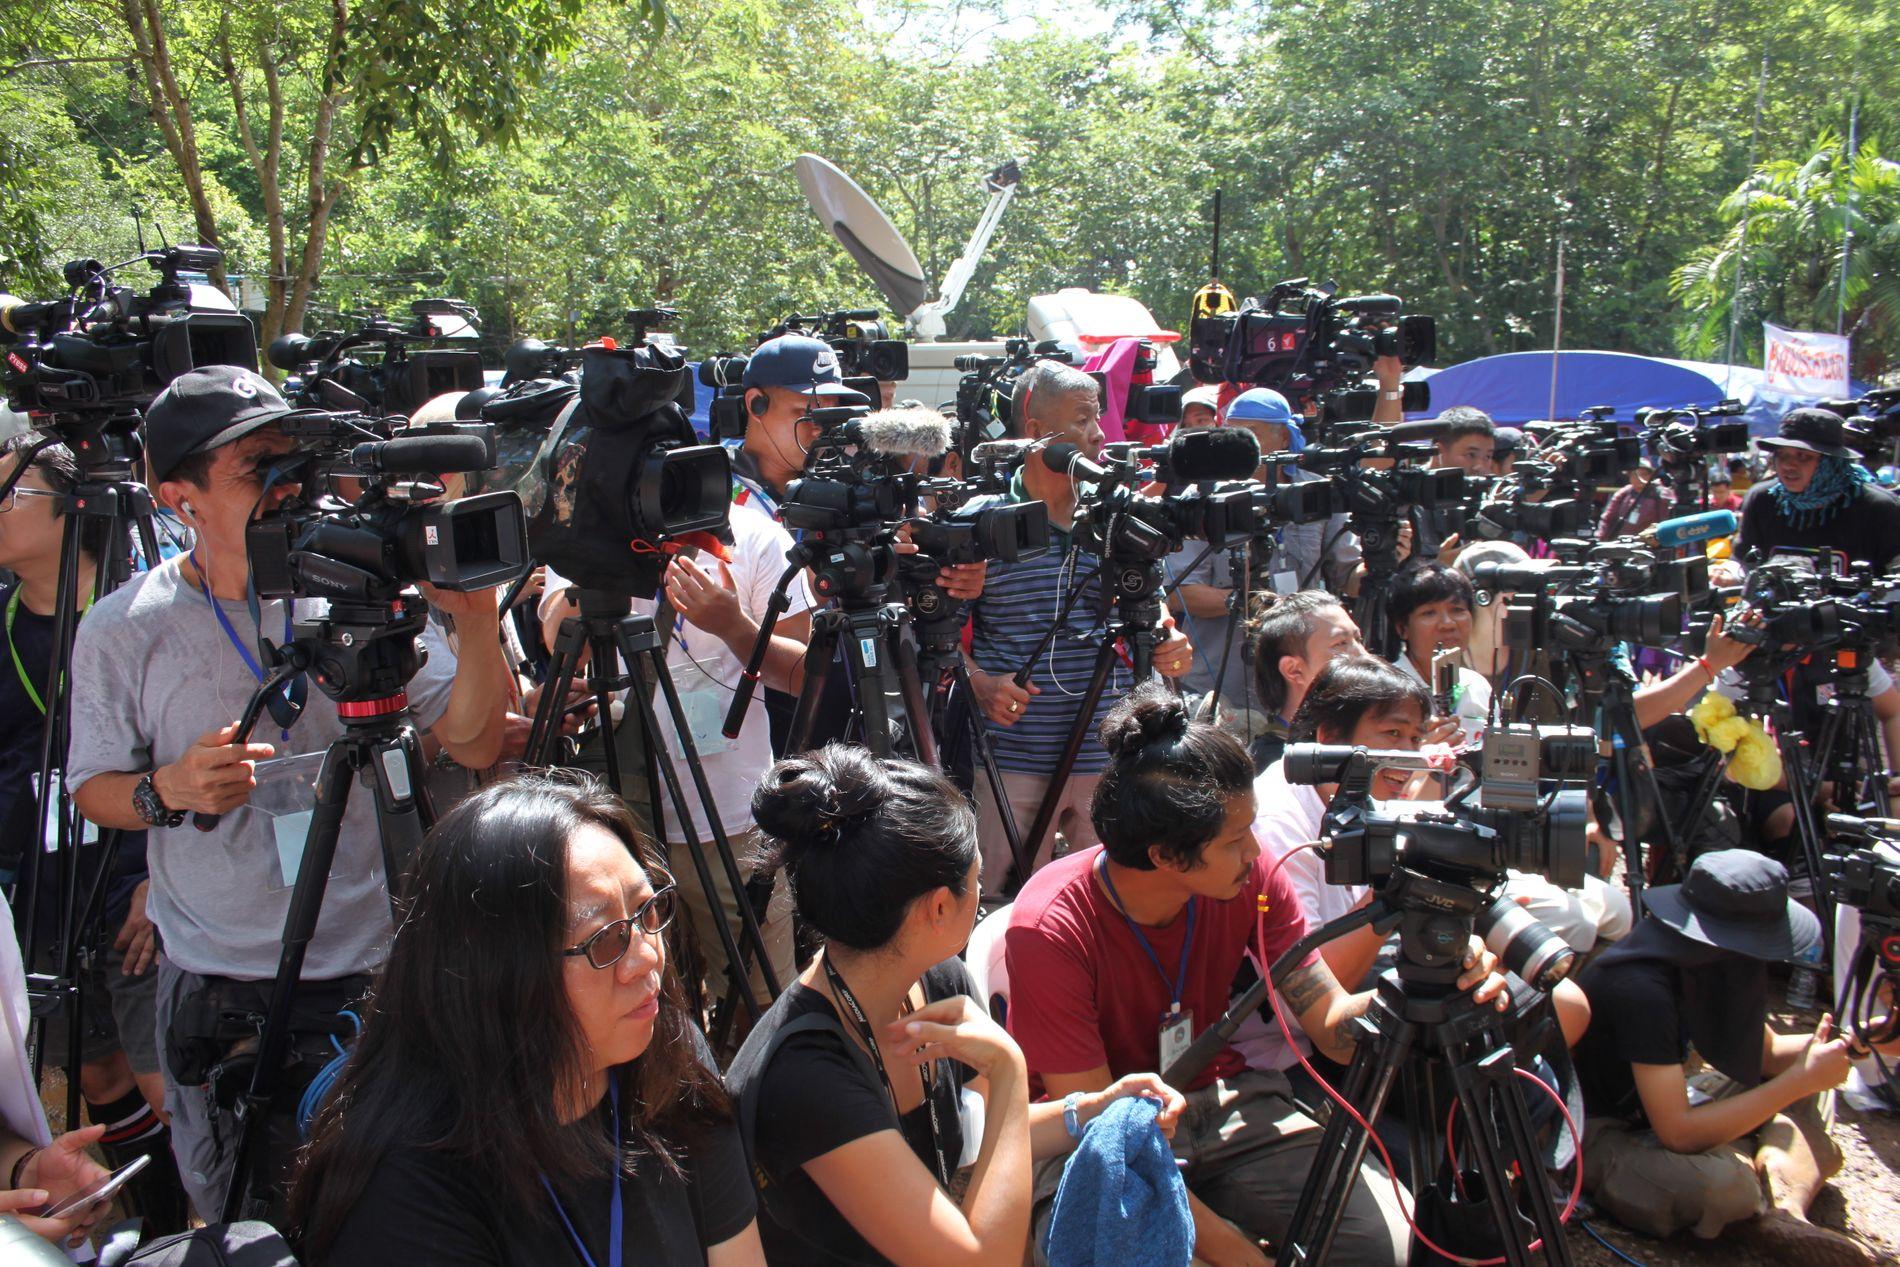 STOR INTERESSE: Medier fra hele verden har strømmet til Mae Sai helt nord i Thailand. Grottedramaet får stor oppmerksomhet i hele verden.